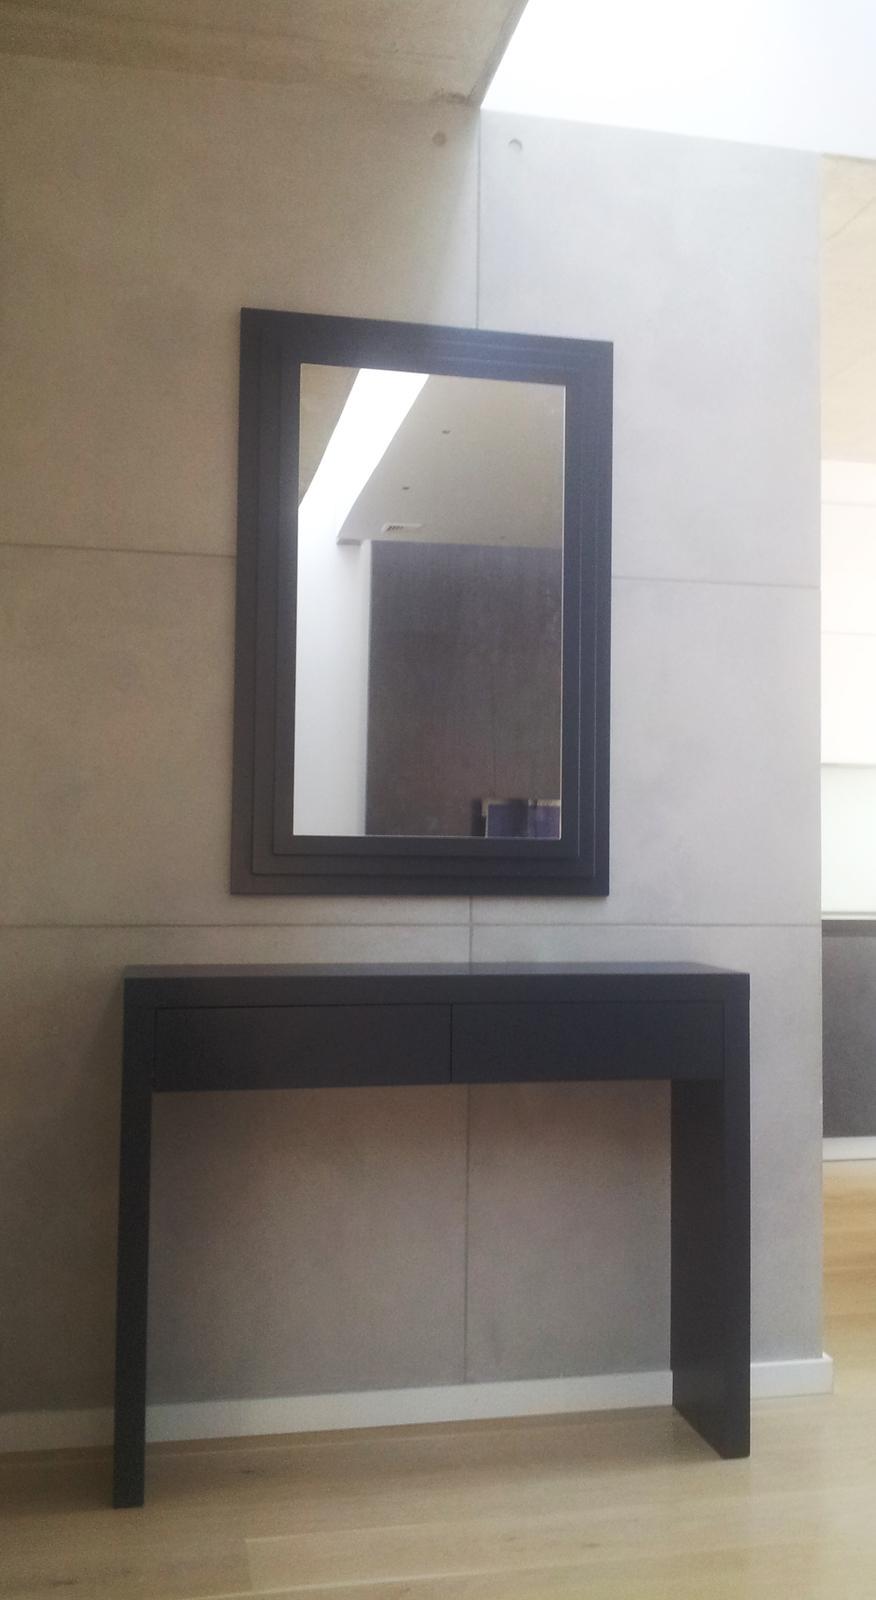 Dizajn a výroba nábytku na mieru Cubica - príručný stolík so zrkadlo - mdf striekaná, antracit